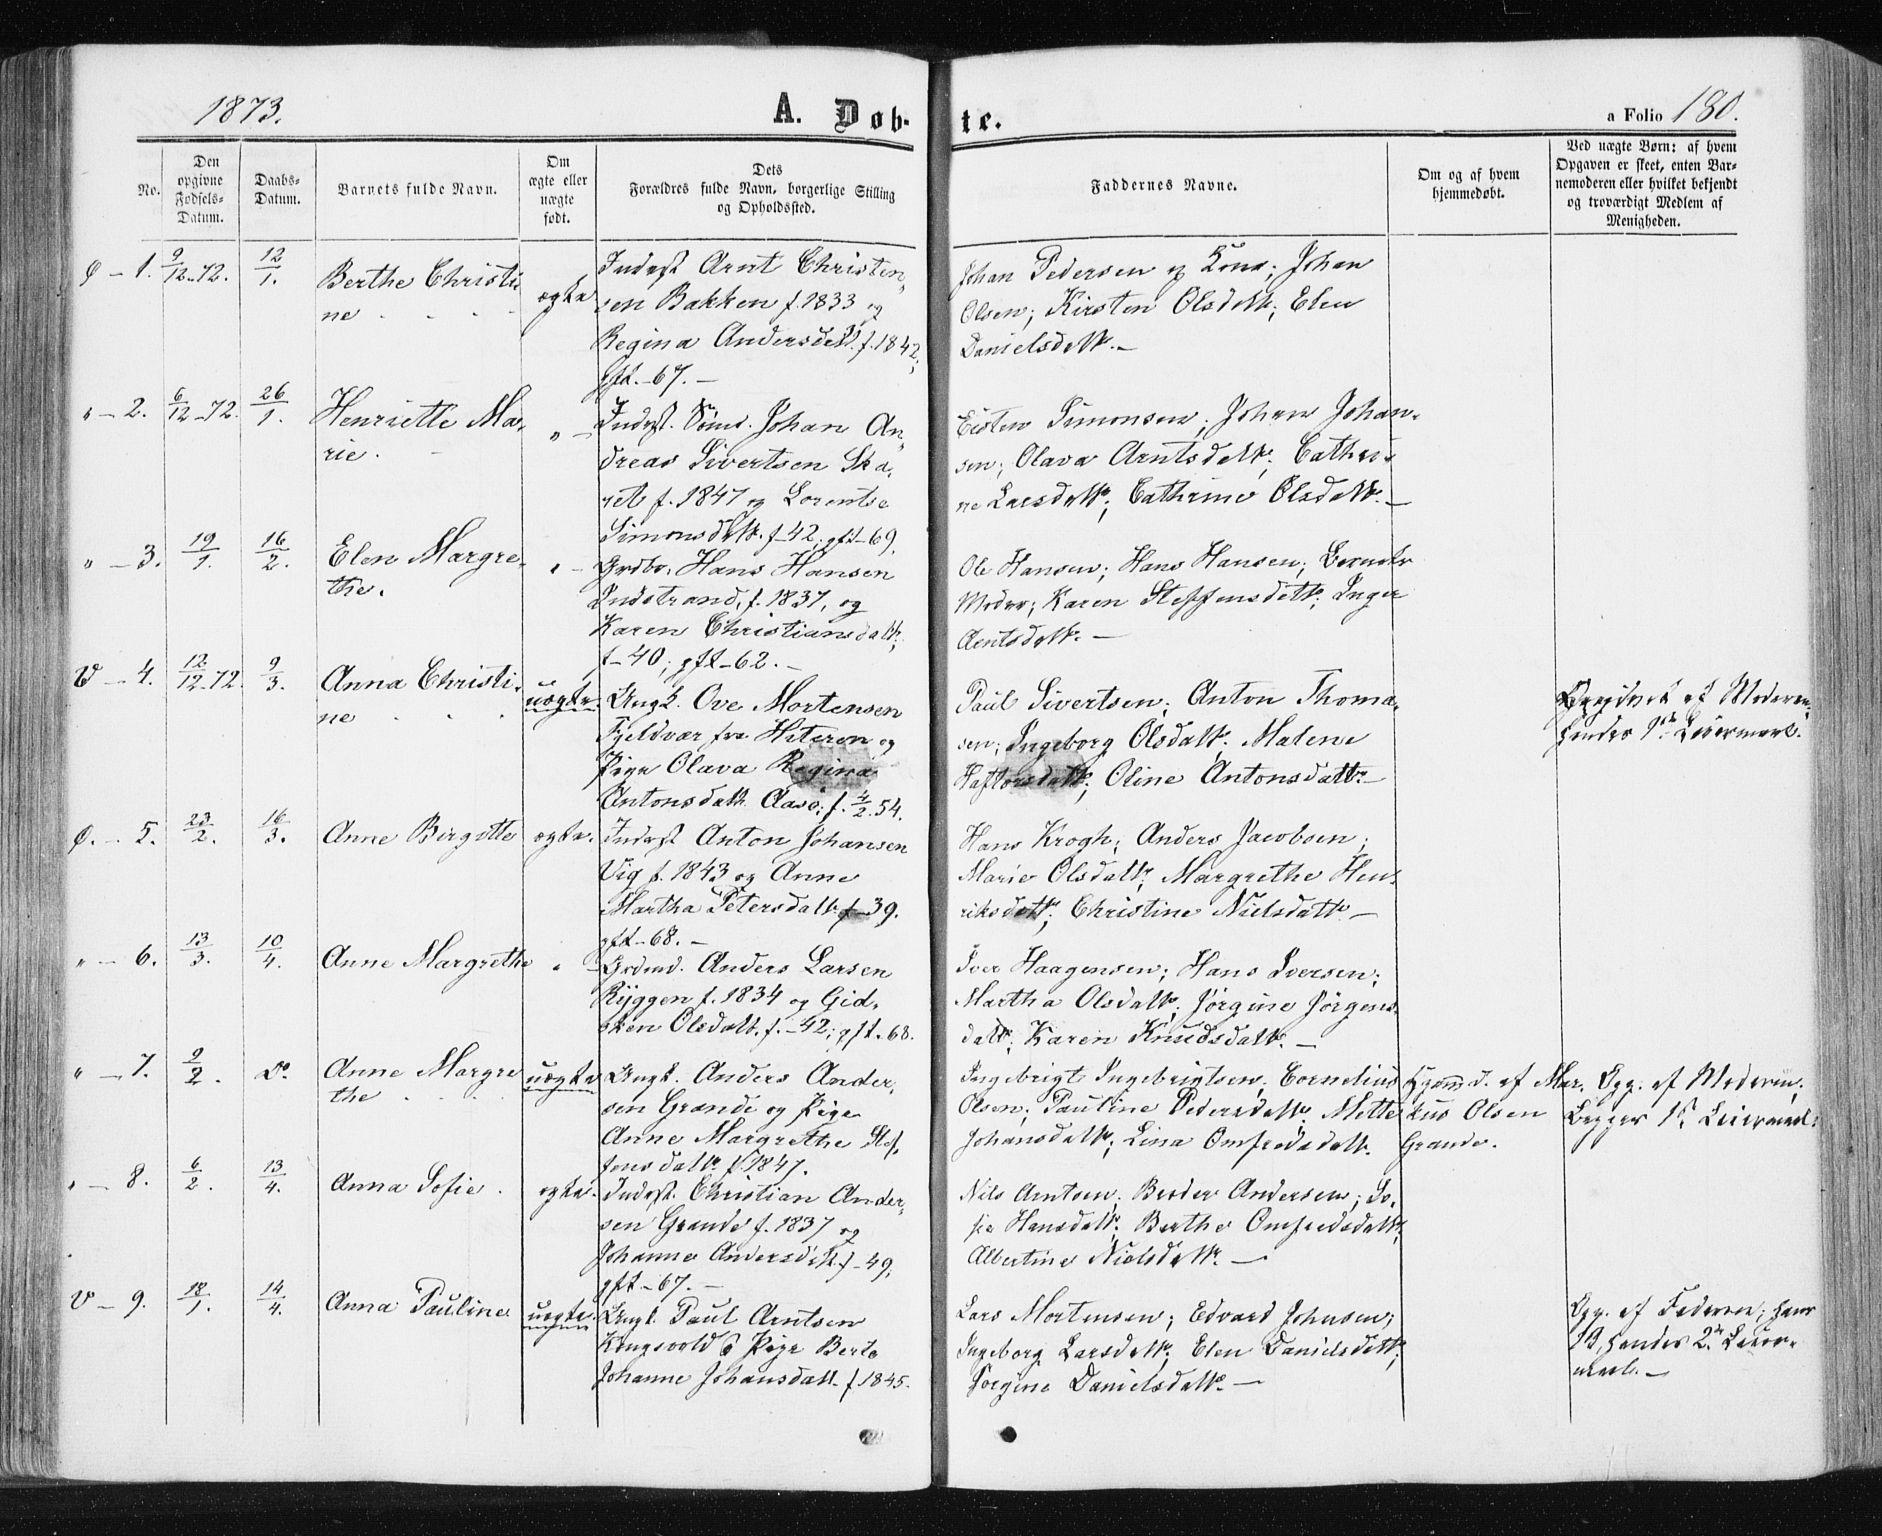 SAT, Ministerialprotokoller, klokkerbøker og fødselsregistre - Sør-Trøndelag, 659/L0737: Ministerialbok nr. 659A07, 1857-1875, s. 180